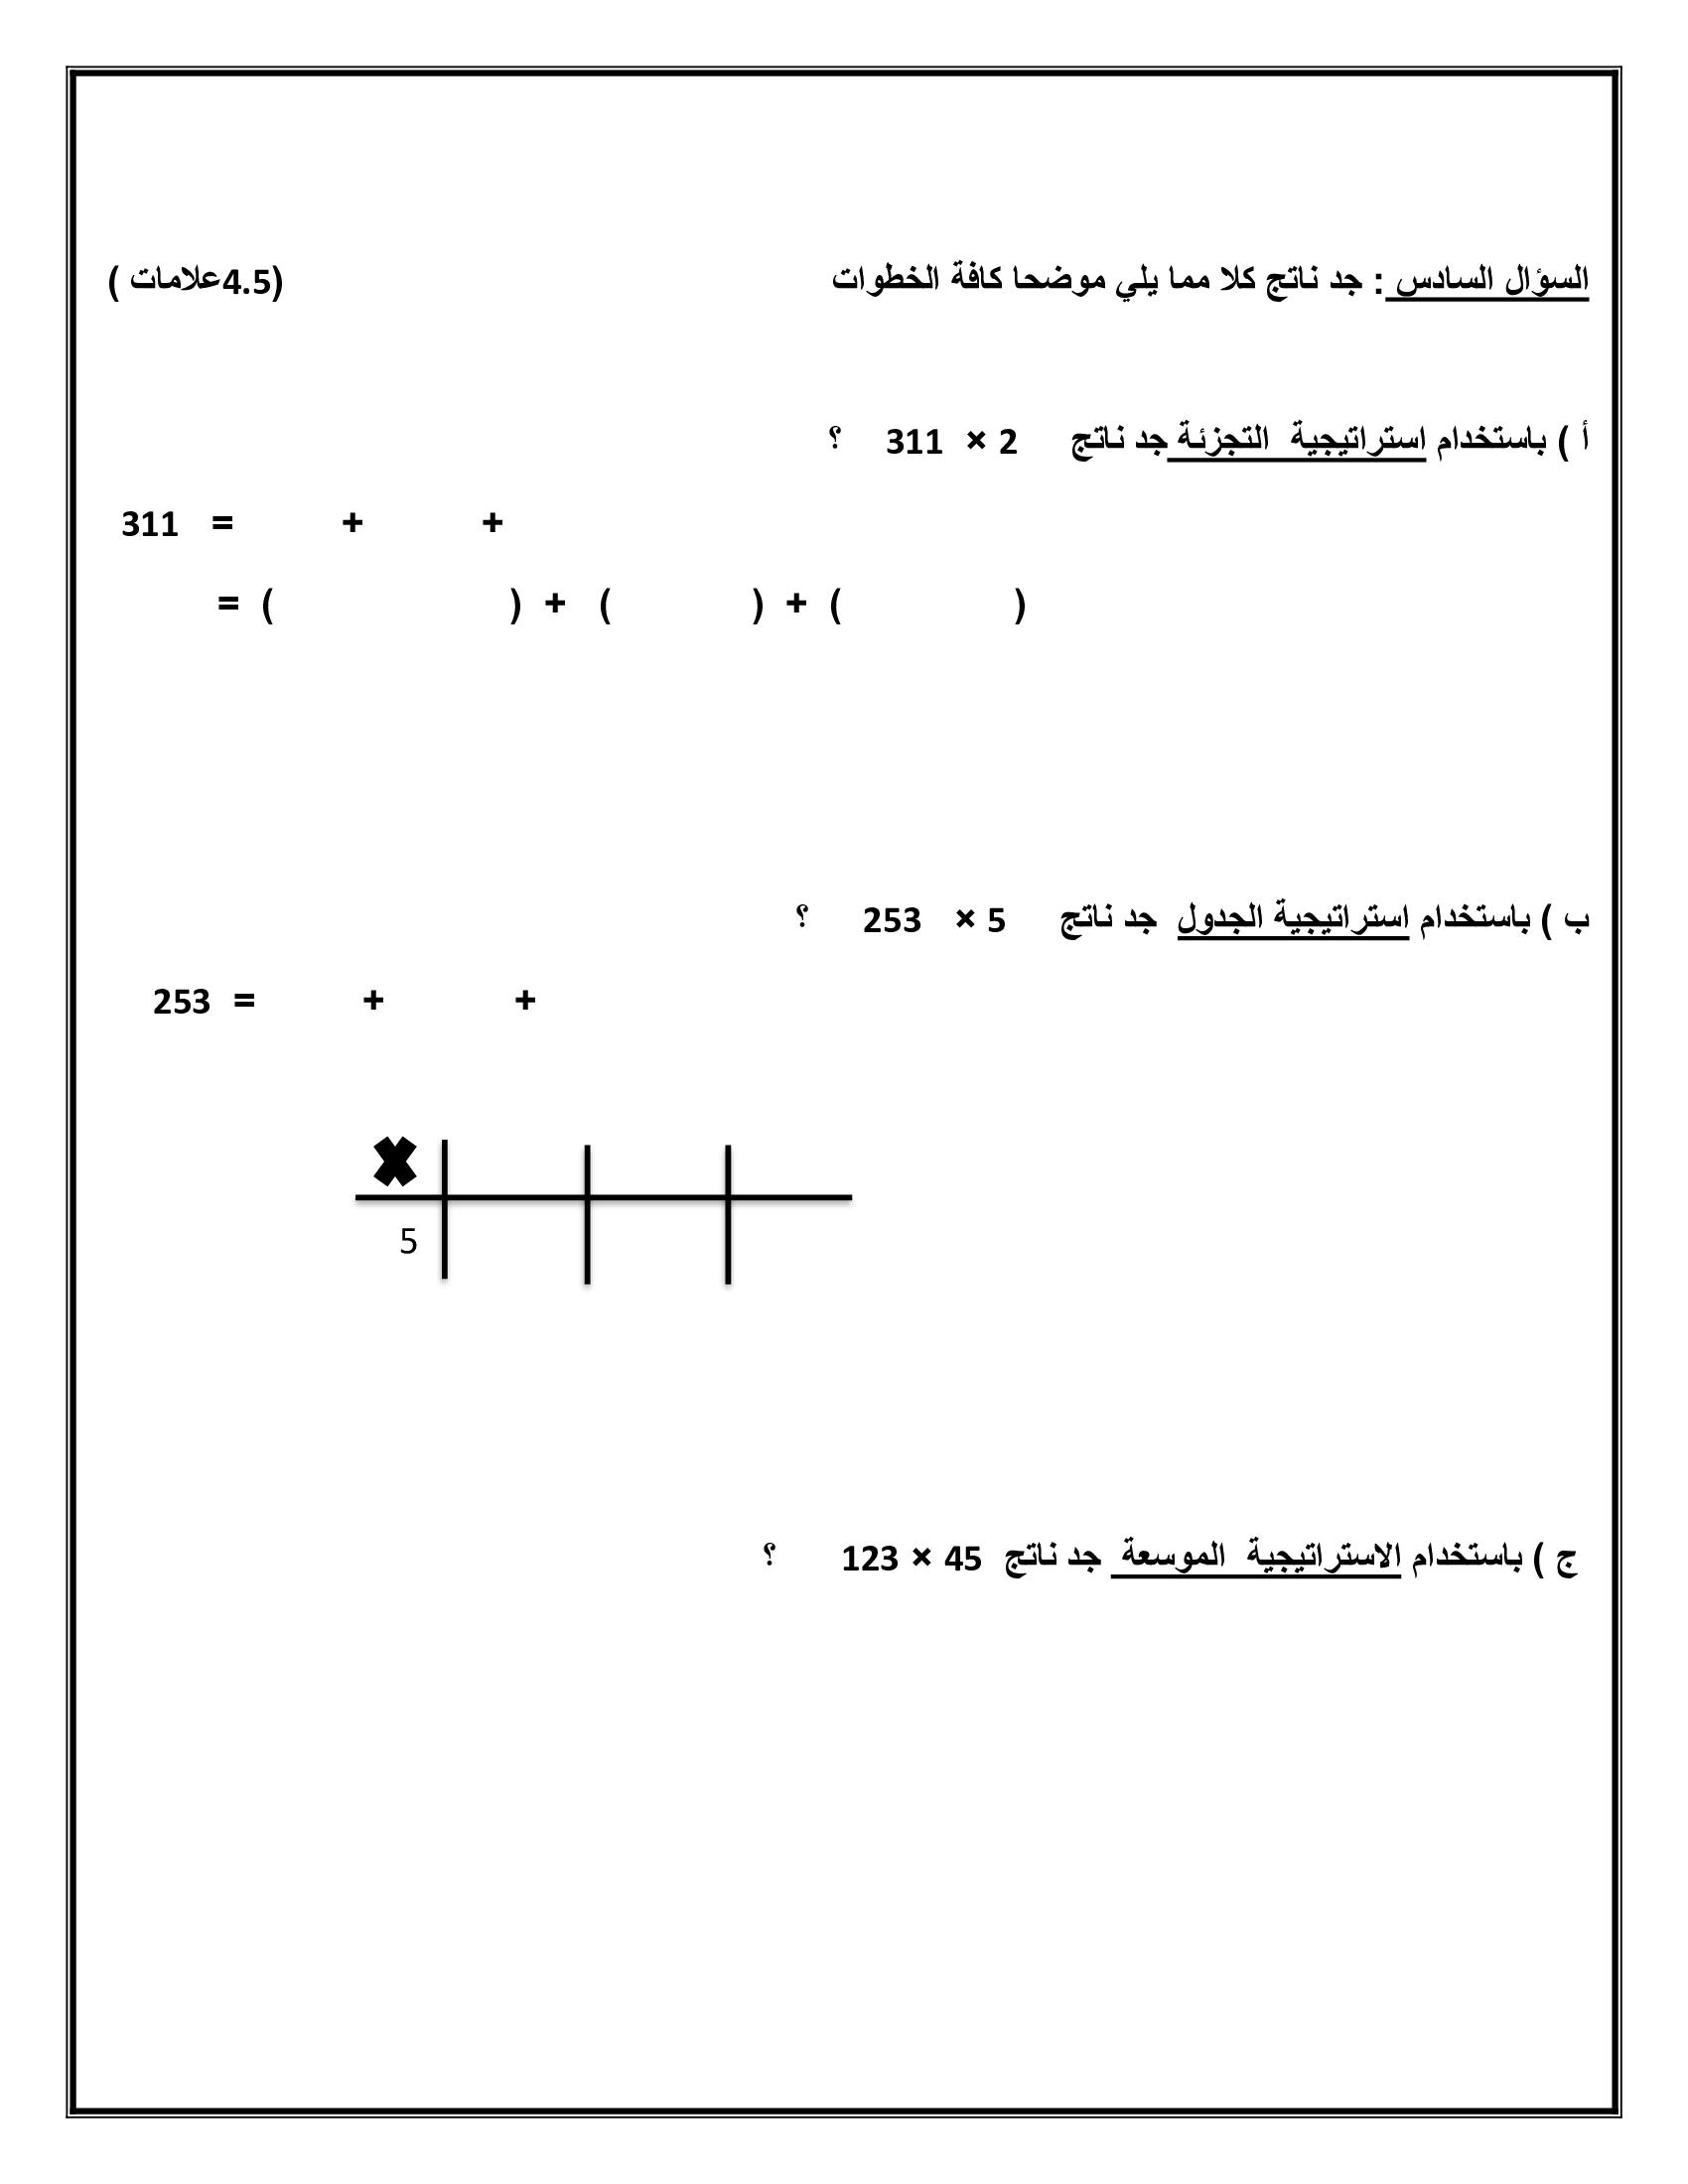 صور و وورد اختبار الشهر الاول لمادة الرياضيات للصف الرابع الفصل الثاني 2020